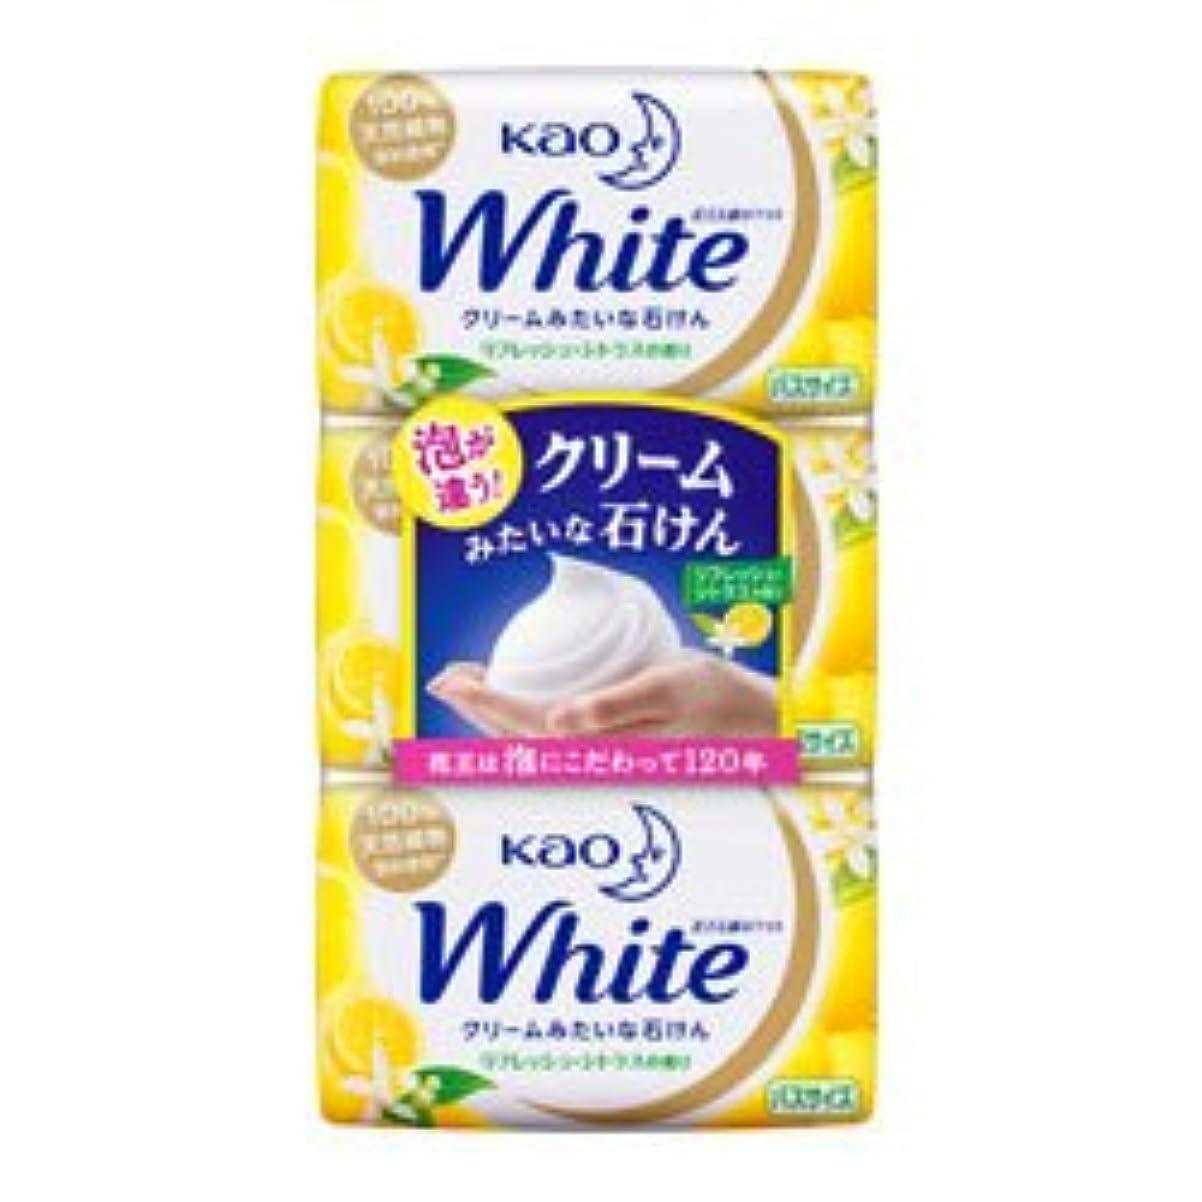 おばあさんコインランドリー習慣【花王】ホワイト リフレッシュ?シトラスの香り バスサイズ 130g×3個入 ×20個セット